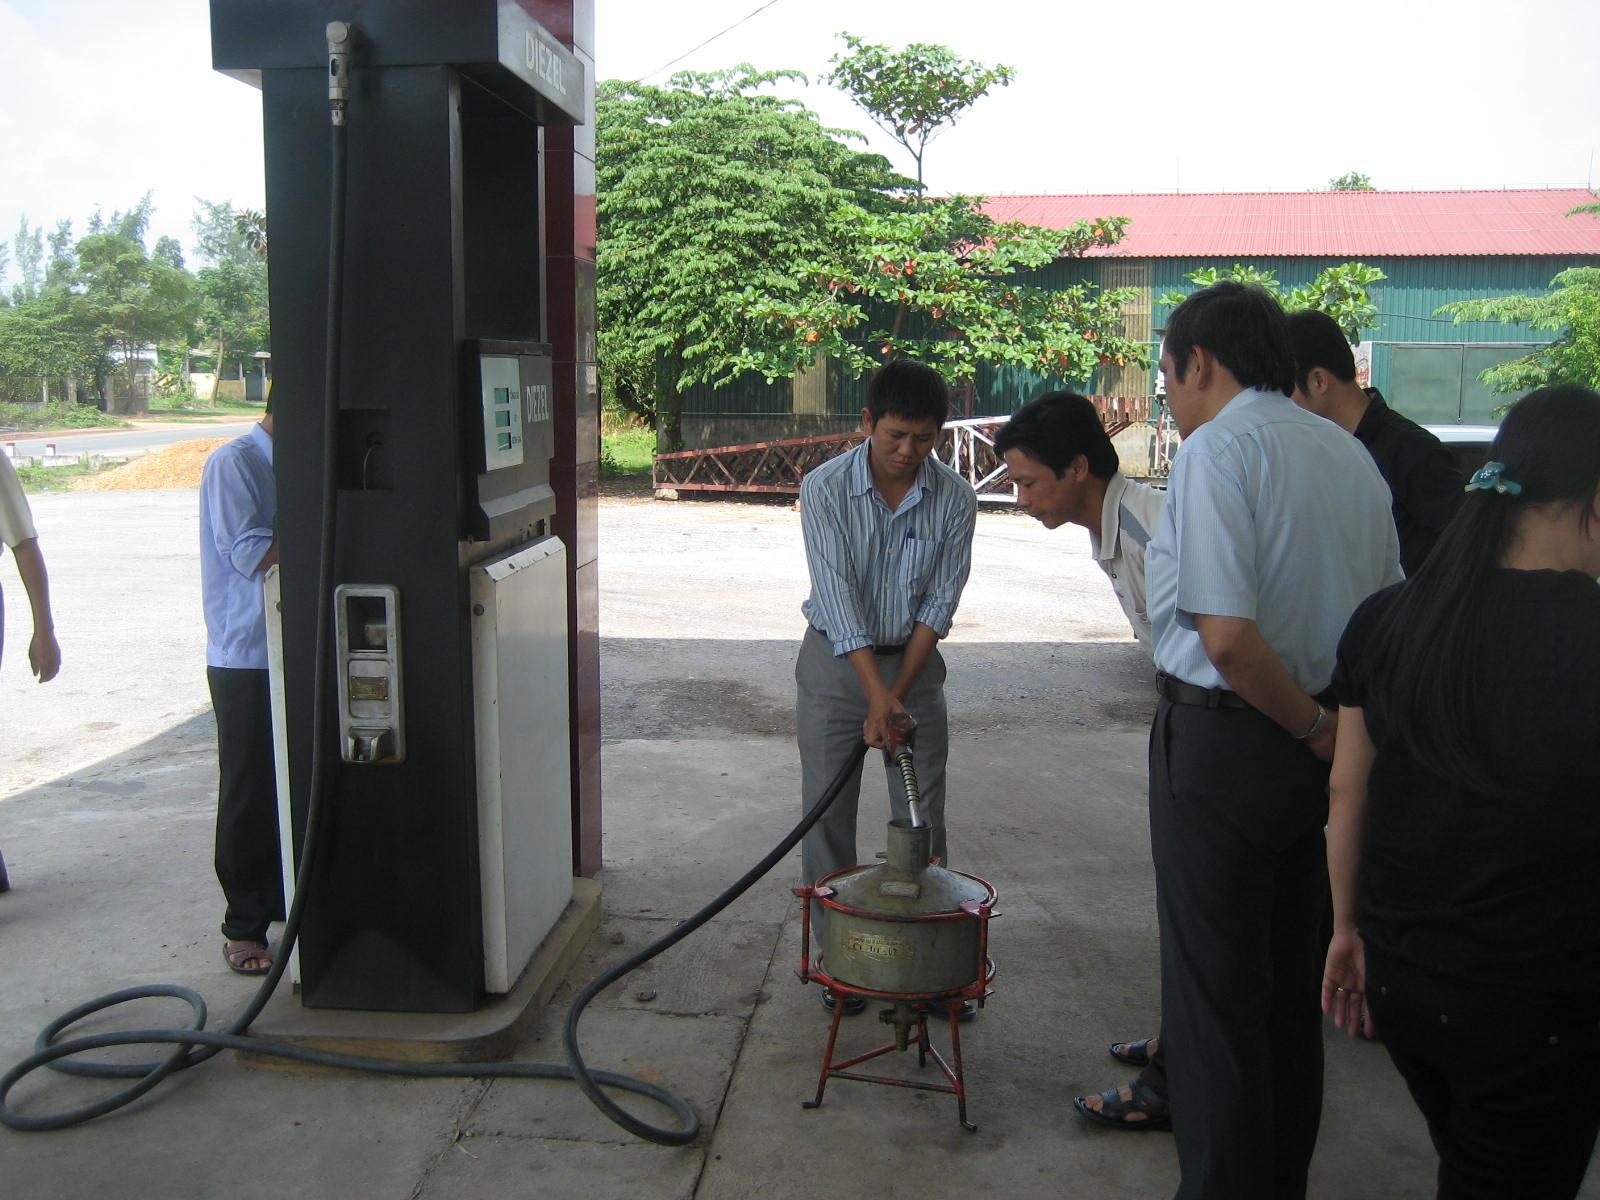 Các hoạt động kiểm tra chất lượng xăng dầu được Cục QLCLSPHH tăng cường, bảo vệ thị trường và người tiêu dùng